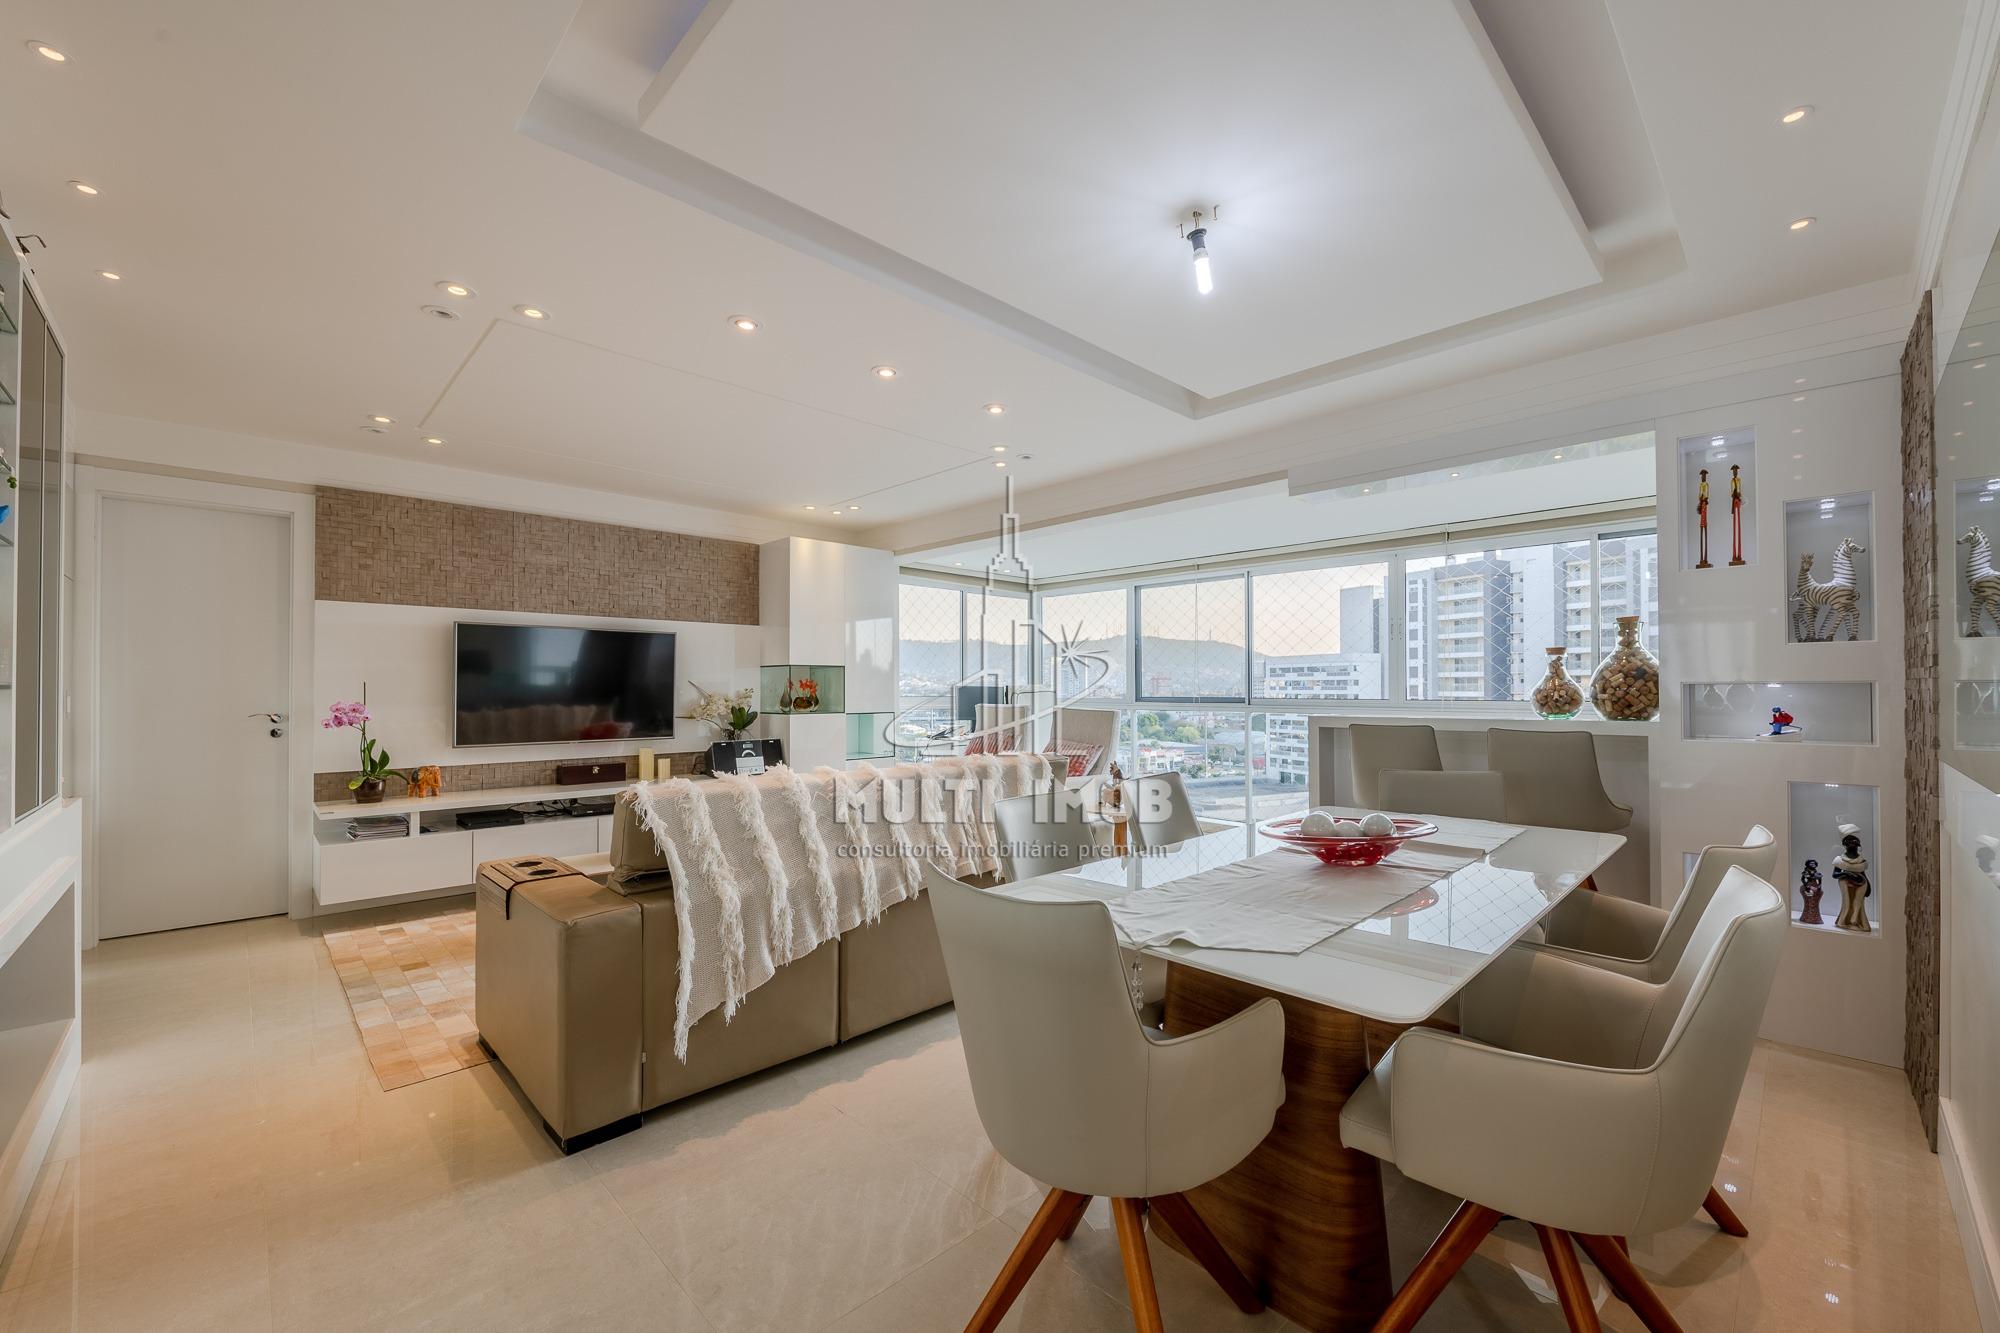 Apartamento  3 Dormitórios  2 Suítes  2 Vagas de Garagem Venda Bairro Central Parque em Porto Alegre RS